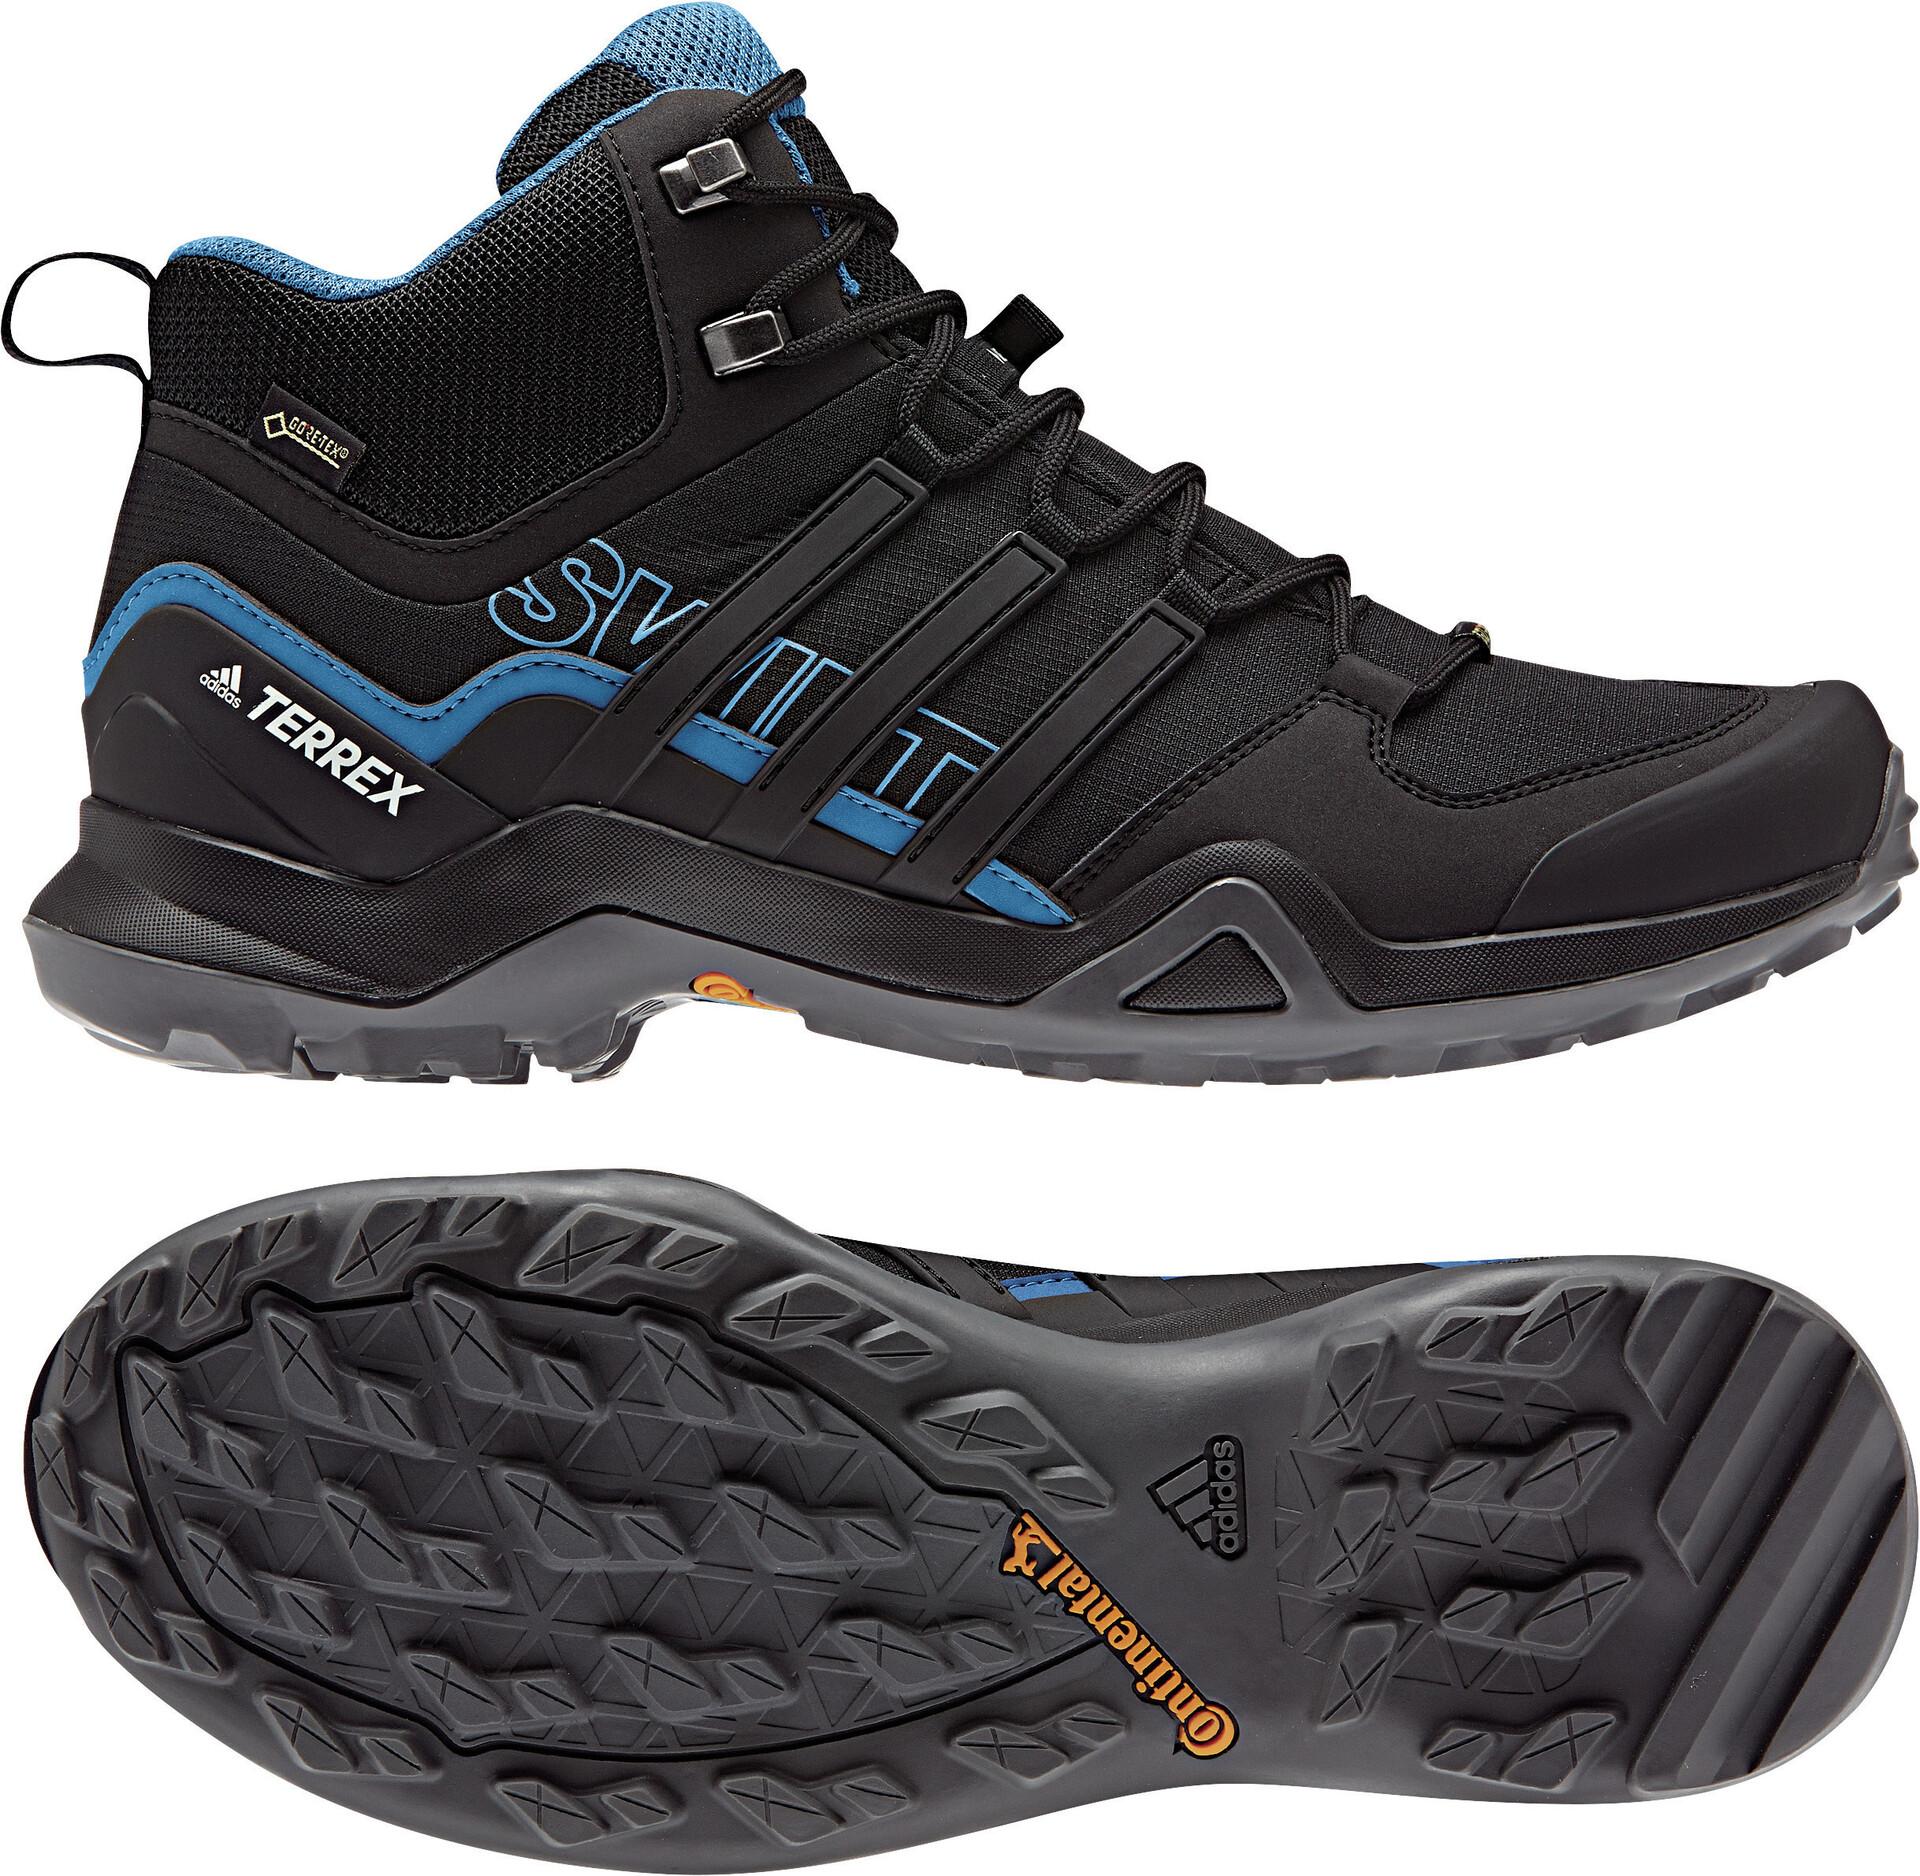 adidas TERREX Swift R2 Mid Gore Tex Chaussures de randonnée Homme, core black